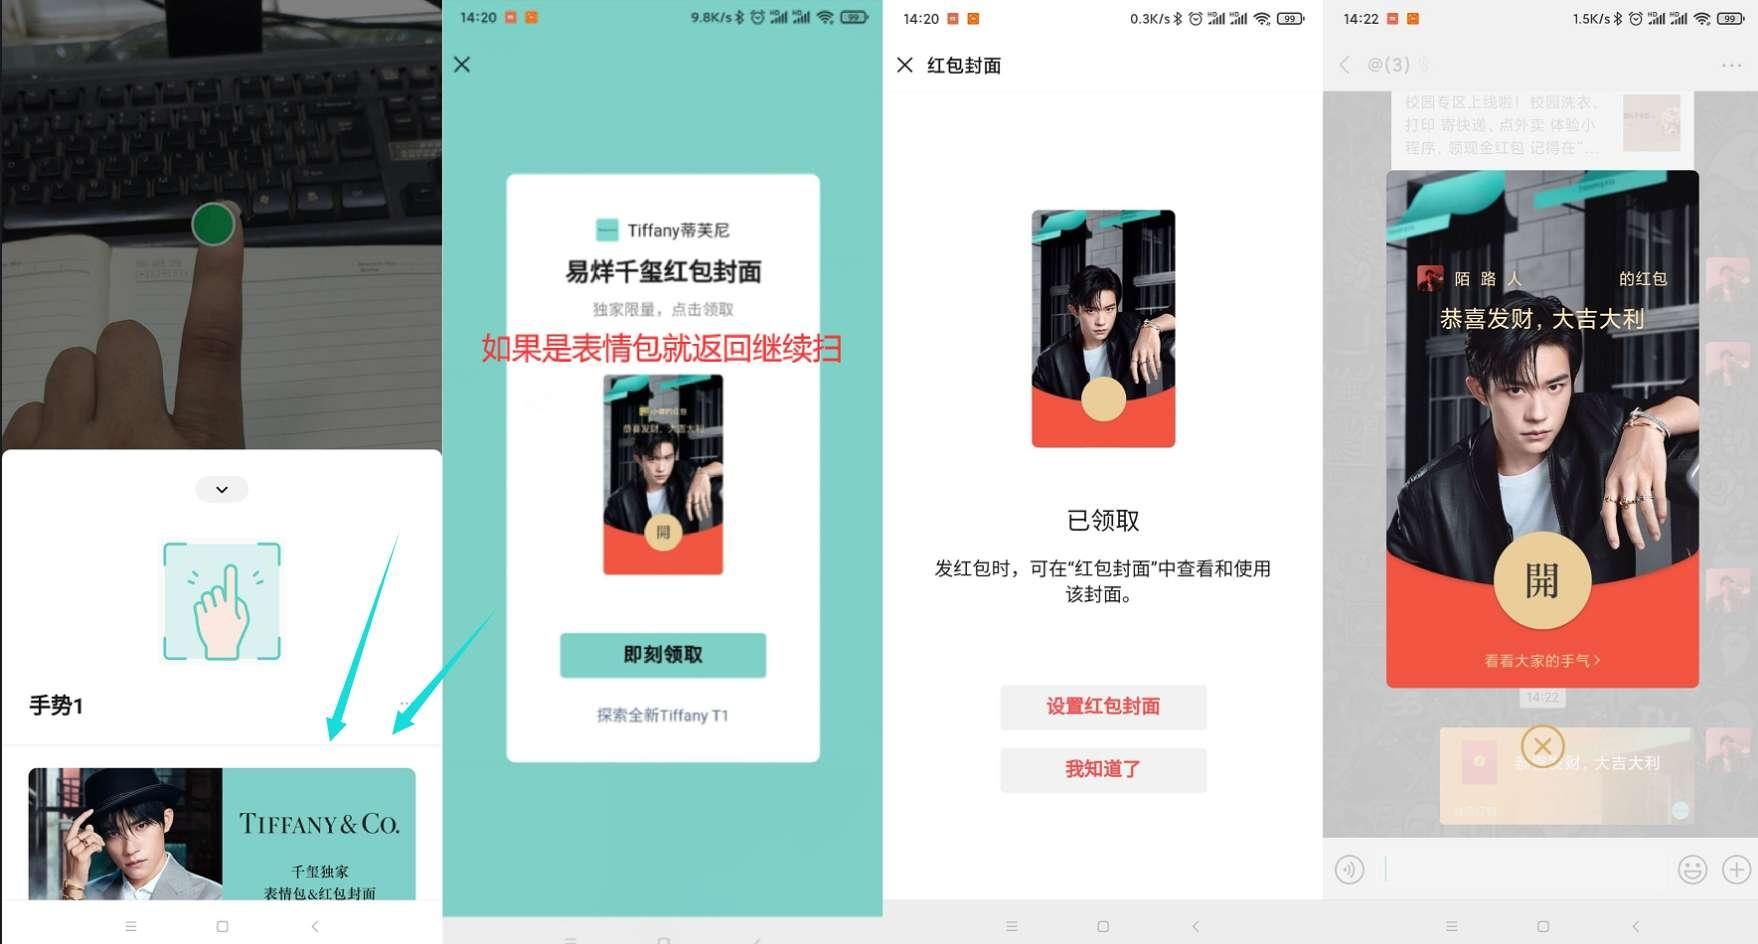 【最新线报】免费领取易烊千玺微信红包封面3个月使用期!